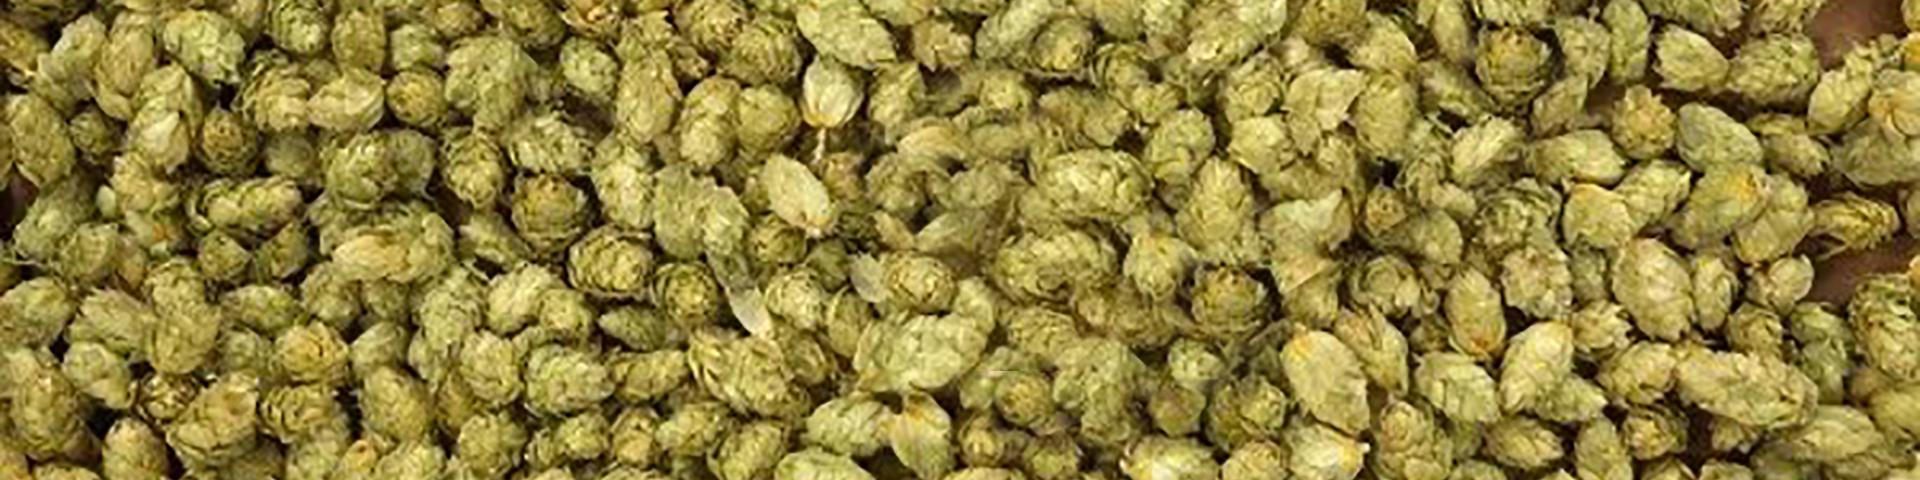 hops3 1920 x 480